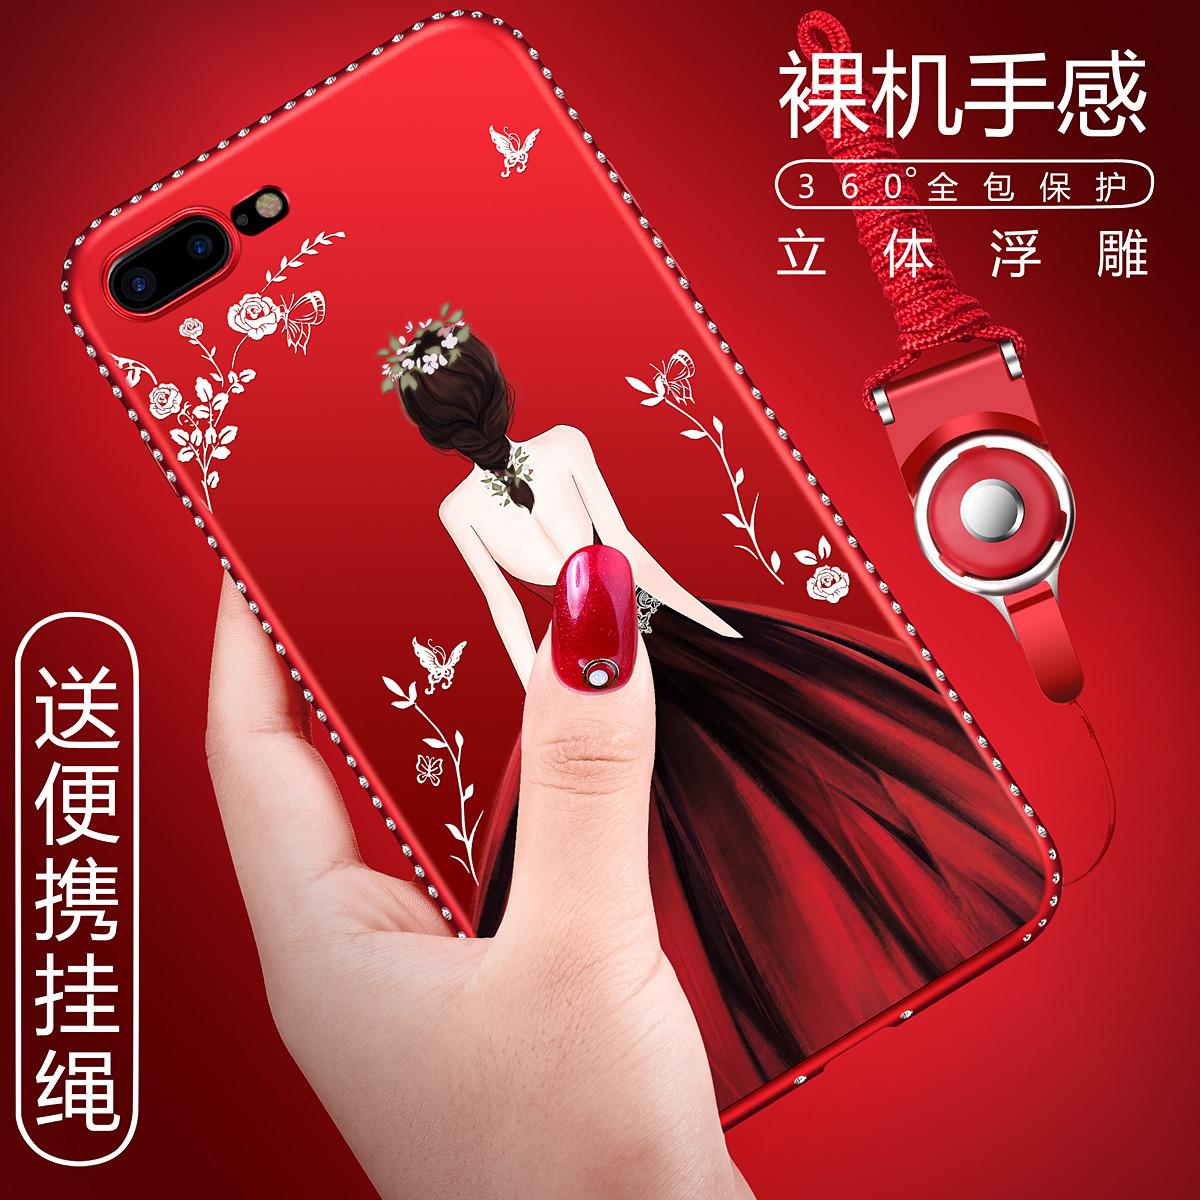 (025-756)เคสมือถือไอโฟน Case iPhone7 Plus/iPhone8 Plus เคสนิ่มซิลิโคนลายการ์ตูนผู้หญิง ขอบเพชรพร้อมสายคล้องคอถอดแยกได้